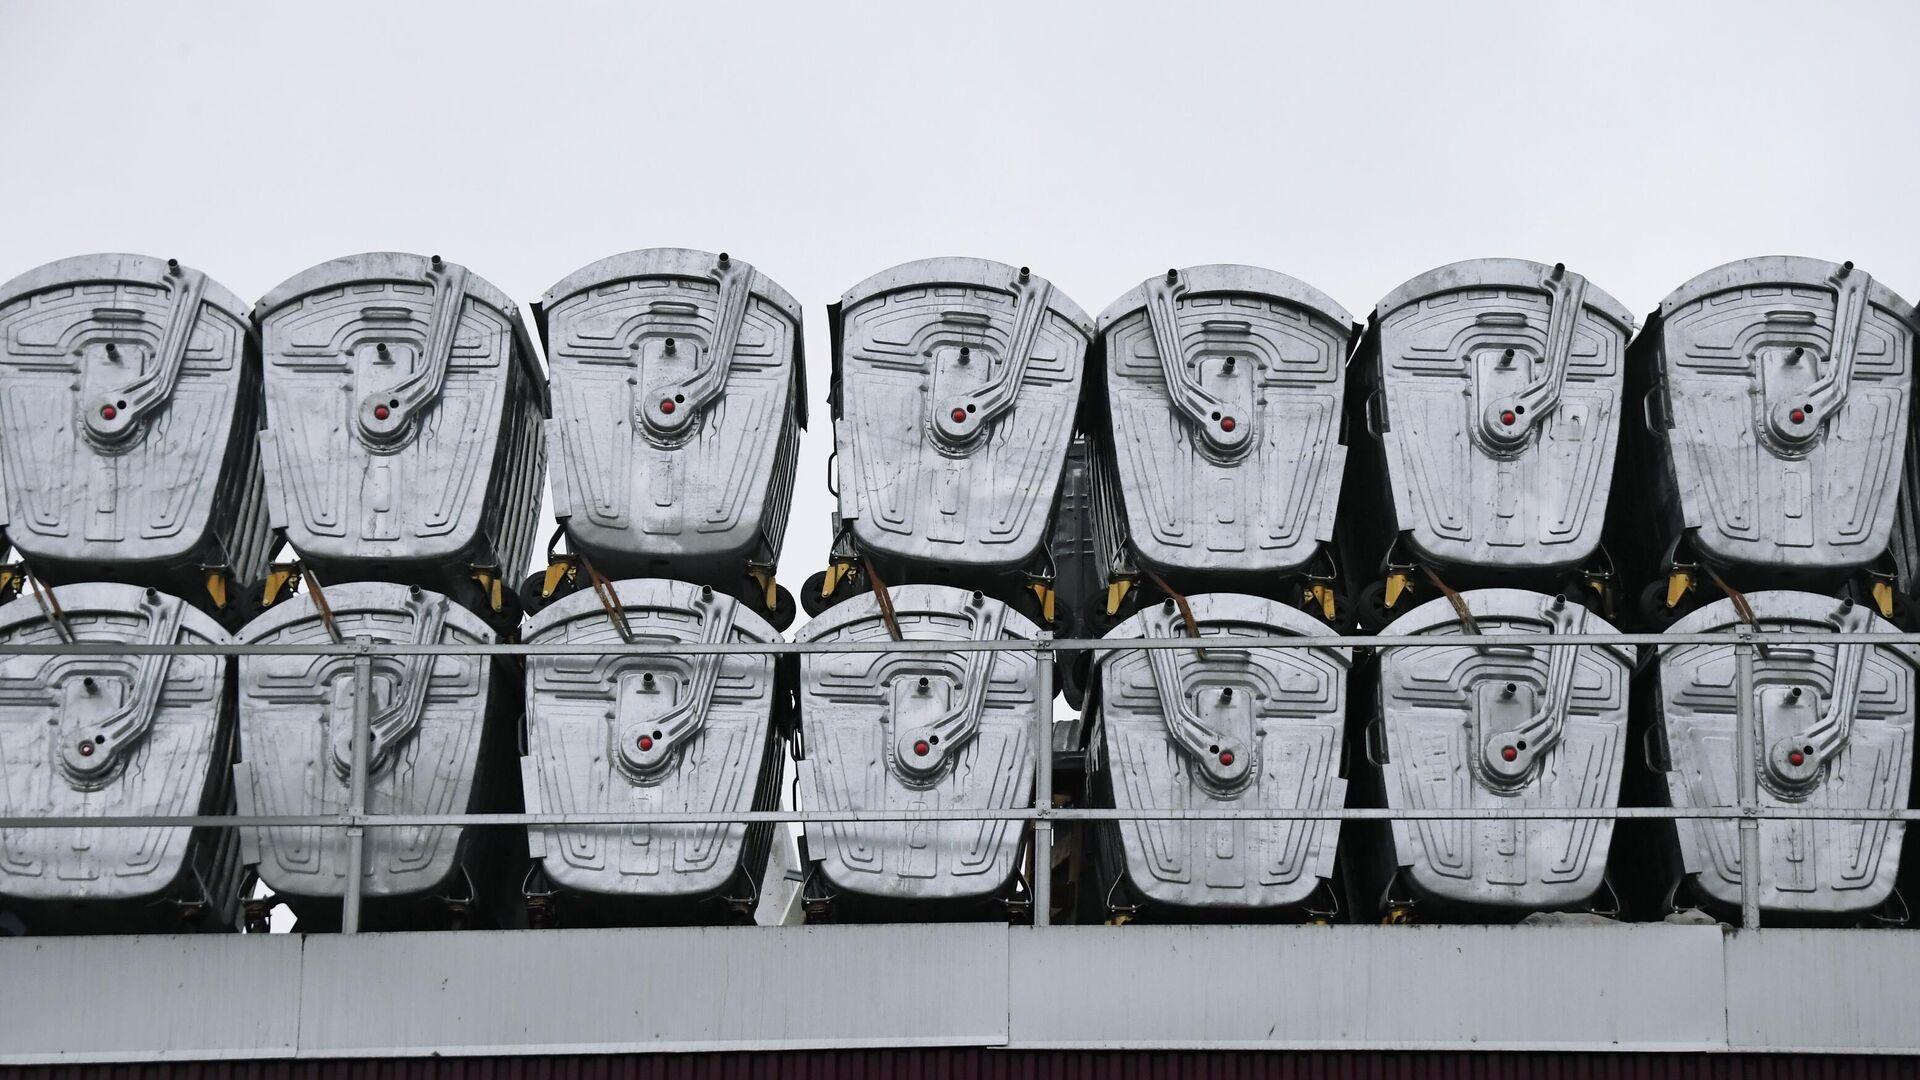 Мусорные контейнеры в пункте сортировки и переработки отходов - РИА Новости, 1920, 22.07.2020